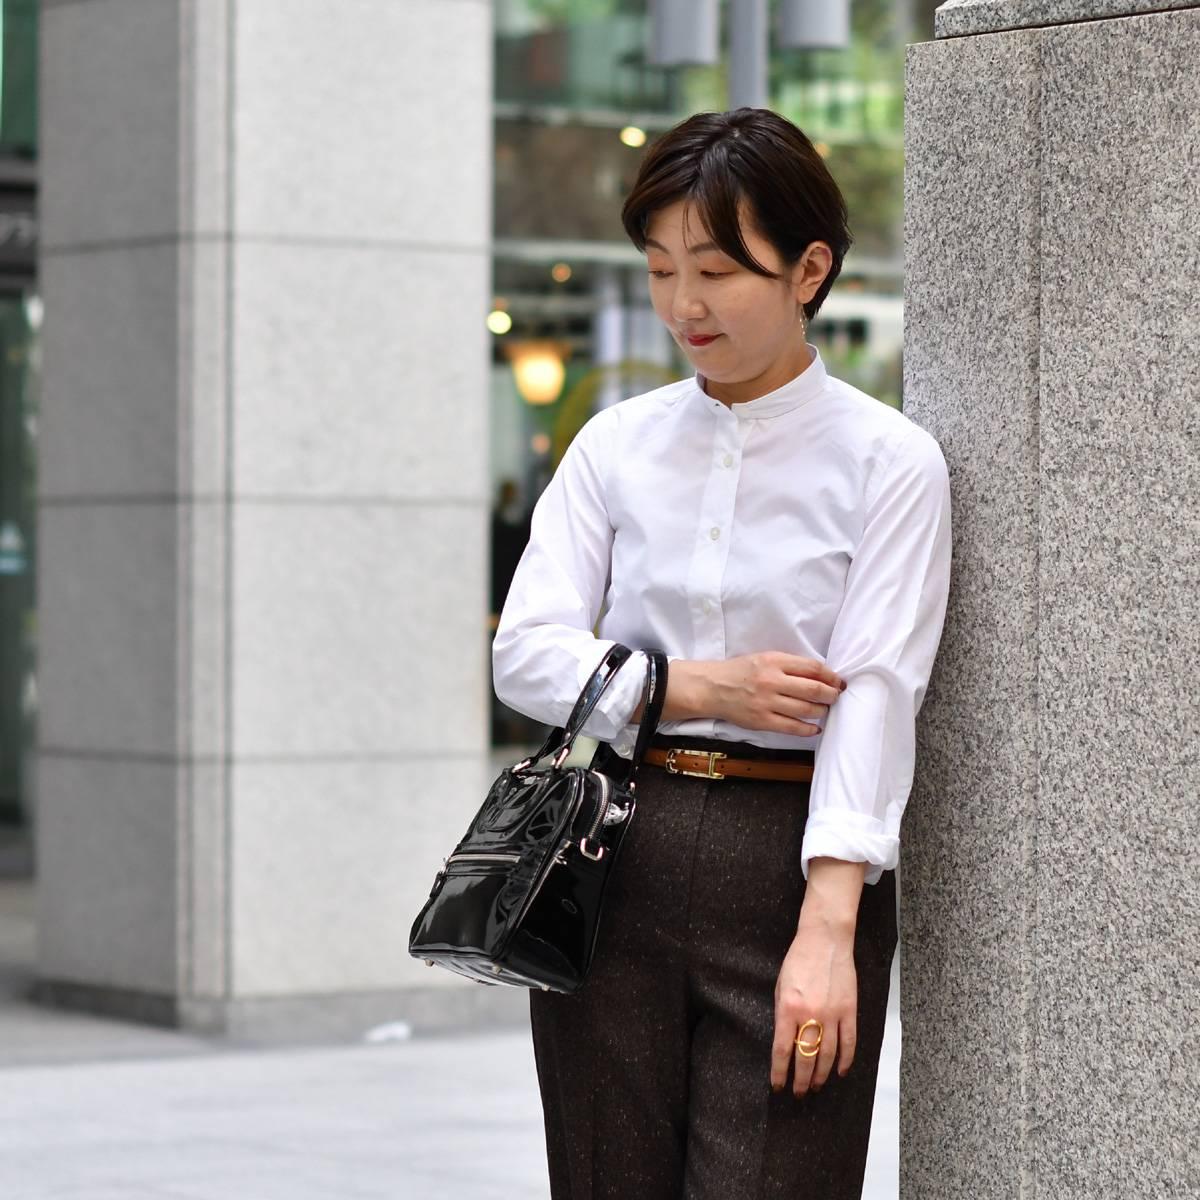 Finamore【フィナモレ】バンドカラーシャツ 140001 01 ZOE PENNY コットン ホワイト